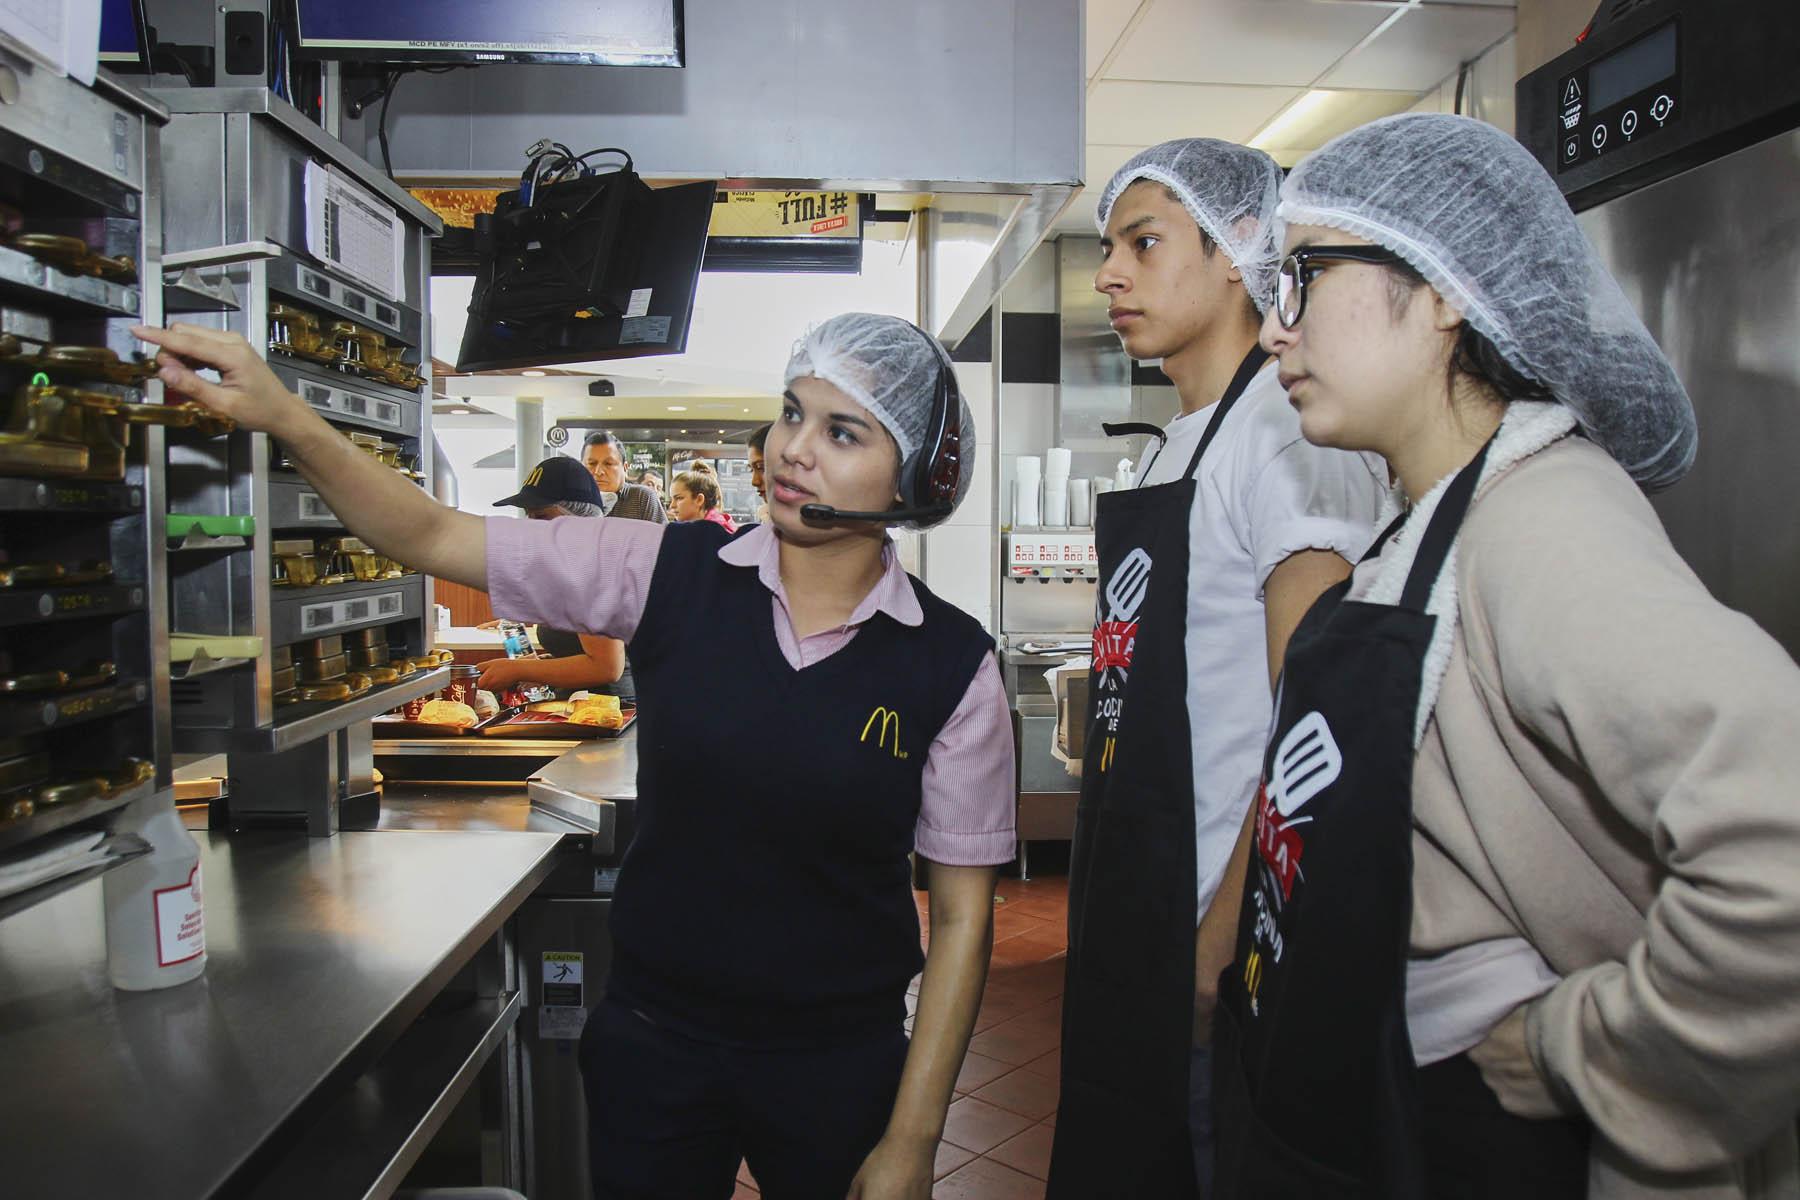 McDonald's abre sus puertas para acabar con los mitos de los 'haters'